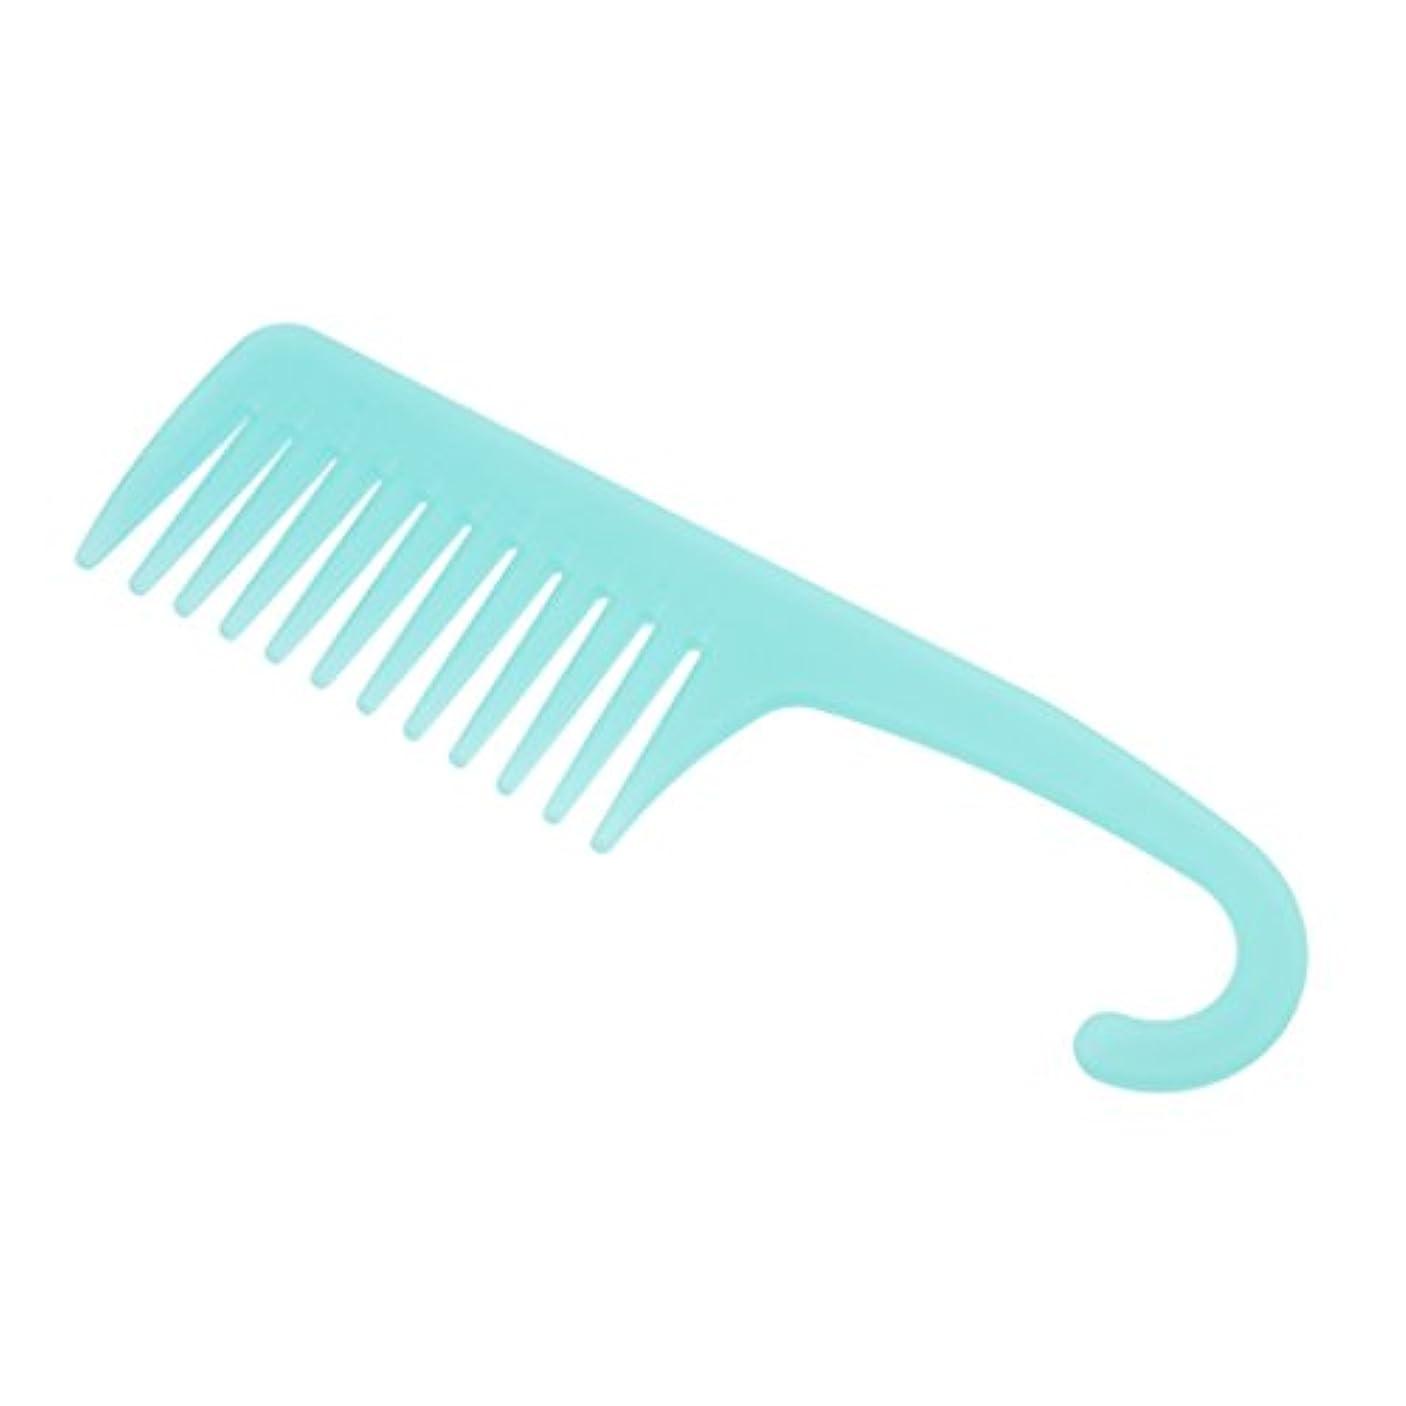 Perfeclan ワイド歯ブラシ ヘアブラシ プロ ヘアーコンディション 櫛 耐熱性 帯電防止 ヘアコーム 3タイプ選べる - A